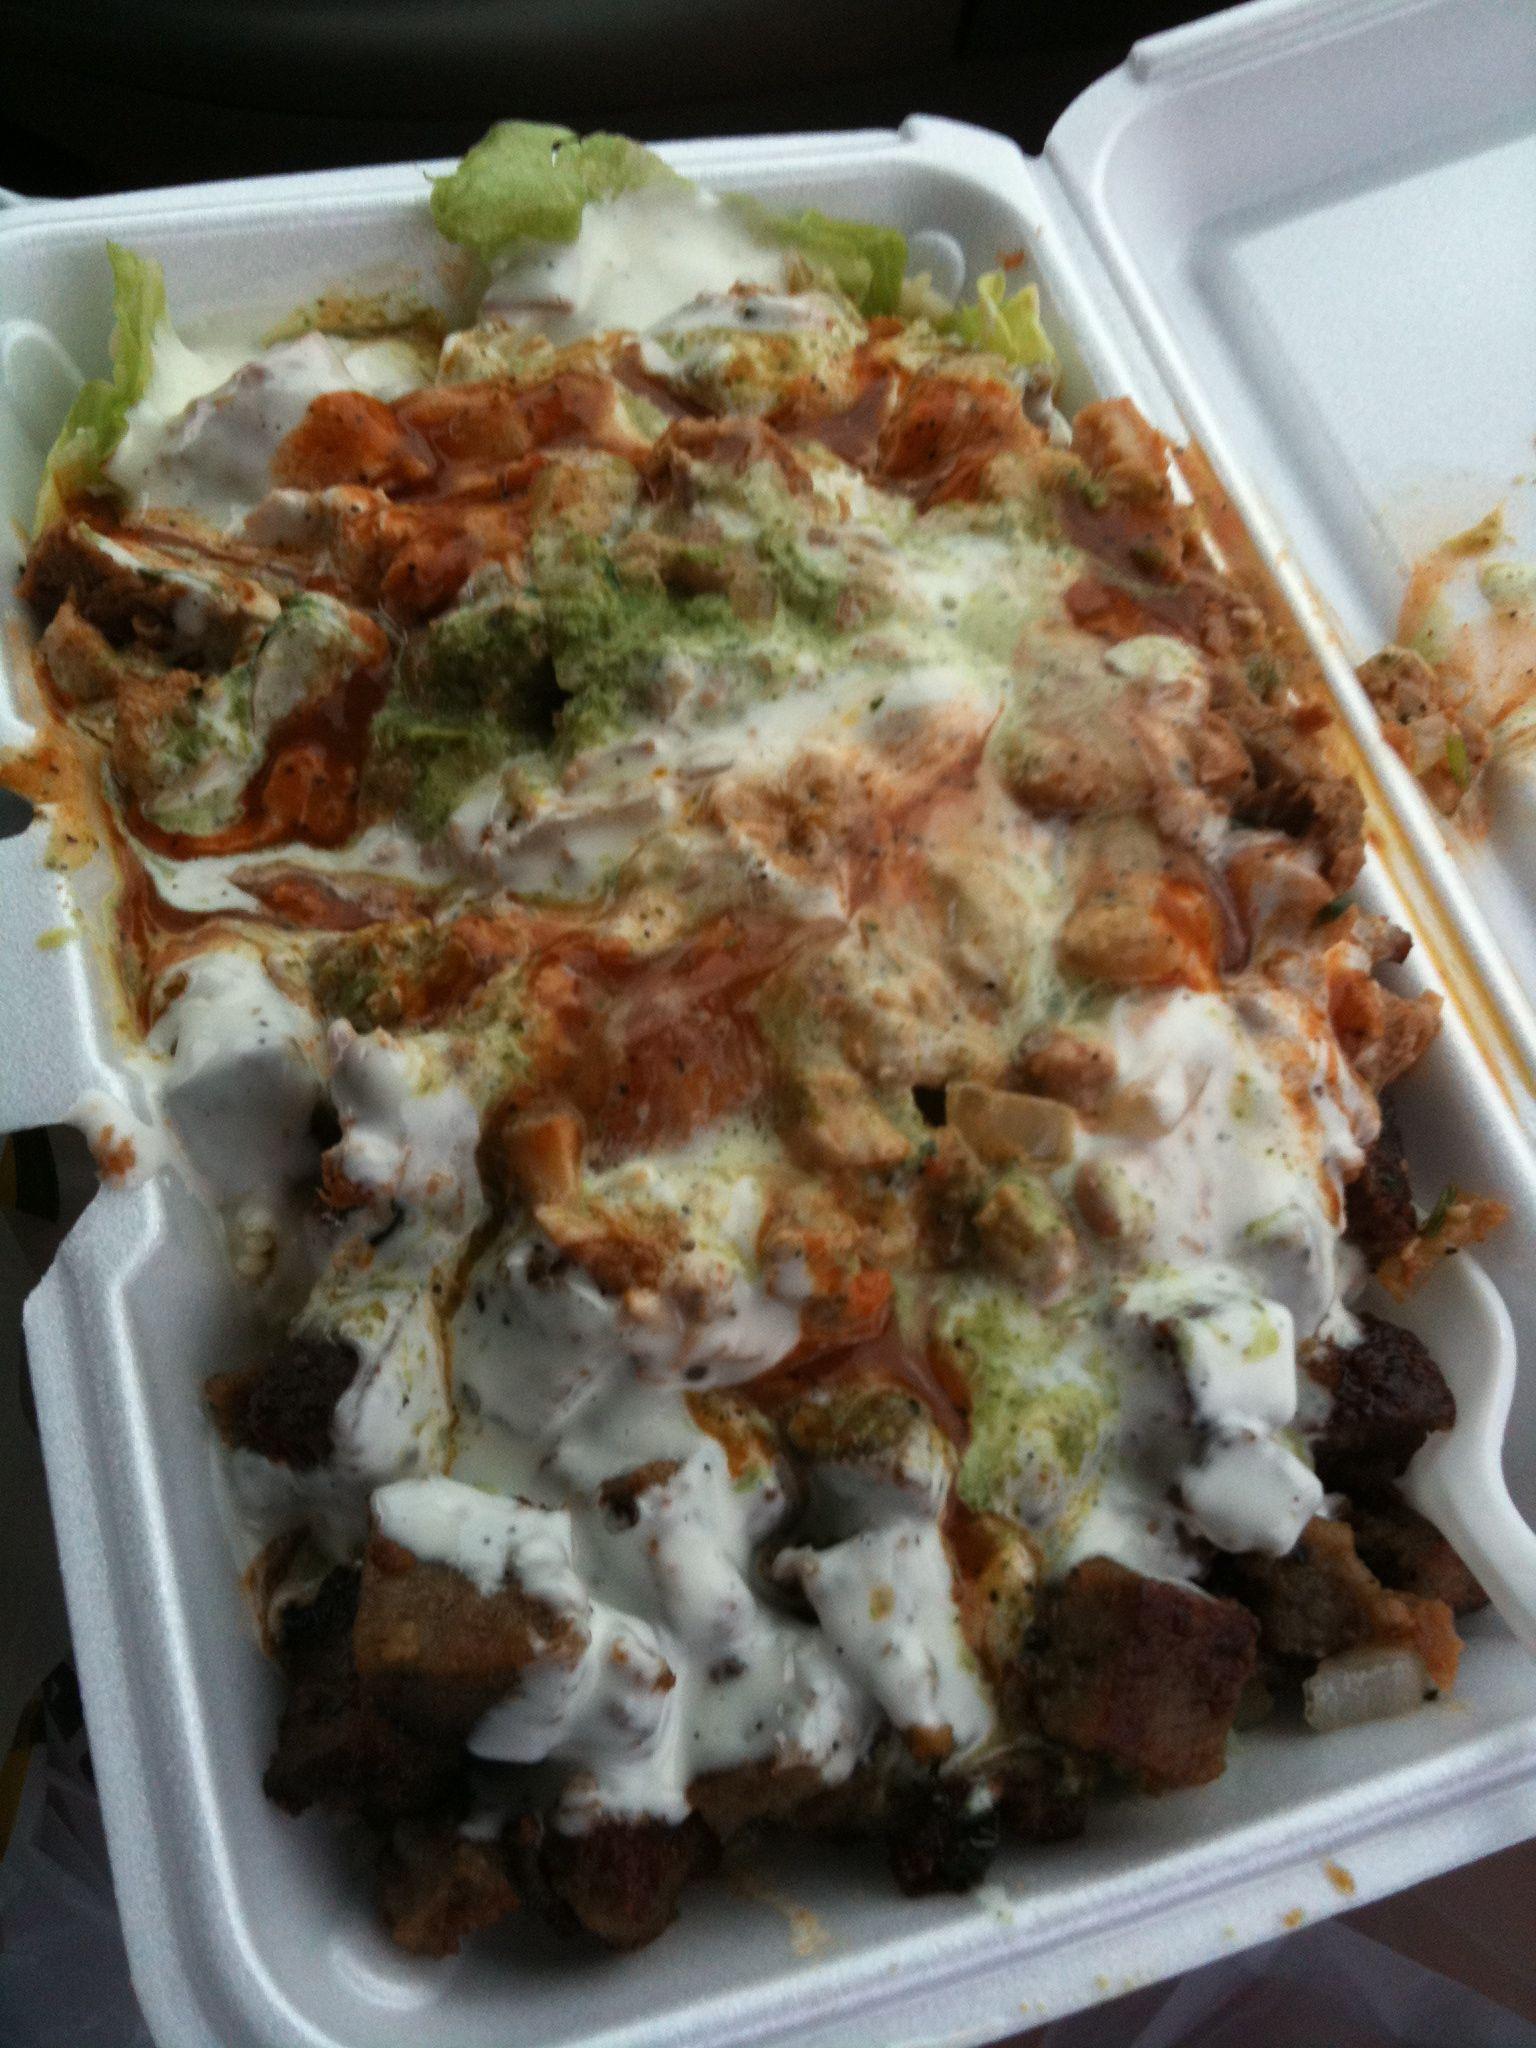 Halal Pakistani Food Food Catering Mississauga Peel Region Kijiji Food Pakistani Food Halal Recipes